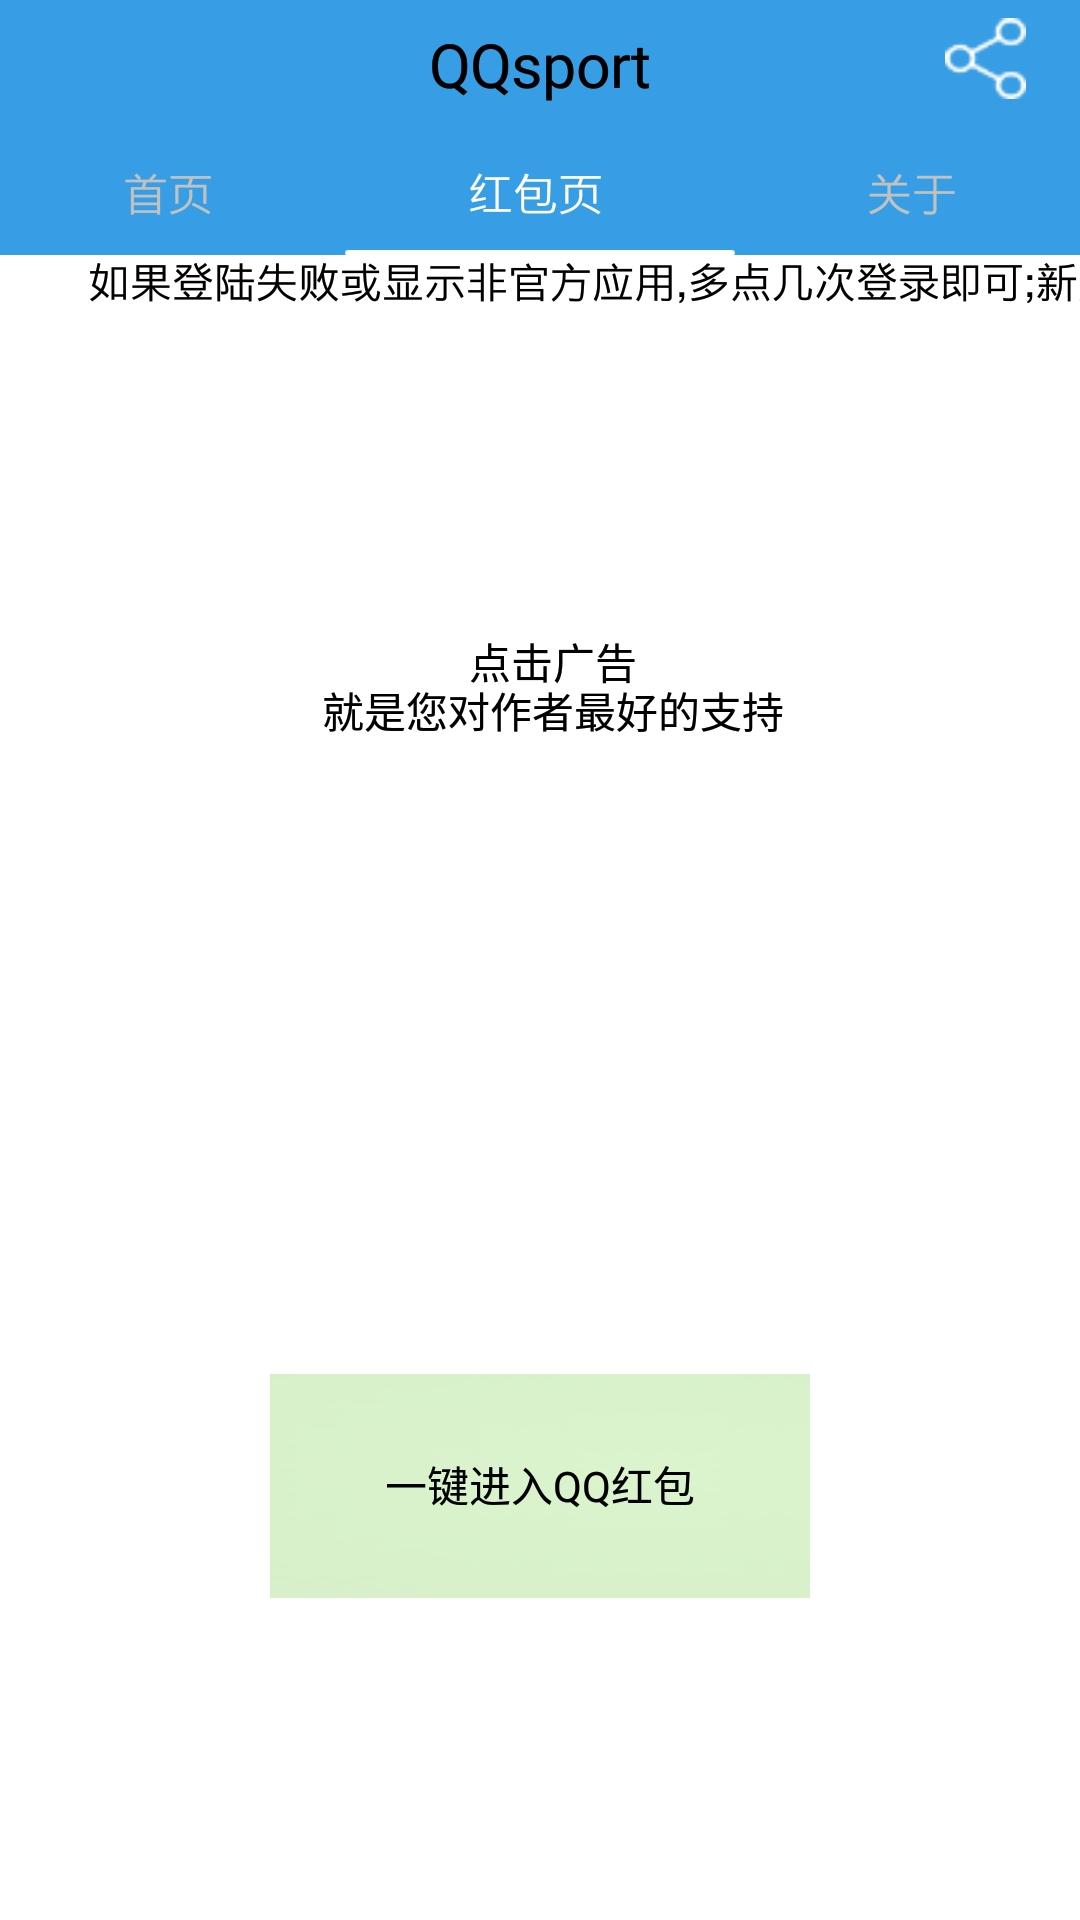 Screenshot_20170808-112647.jpg